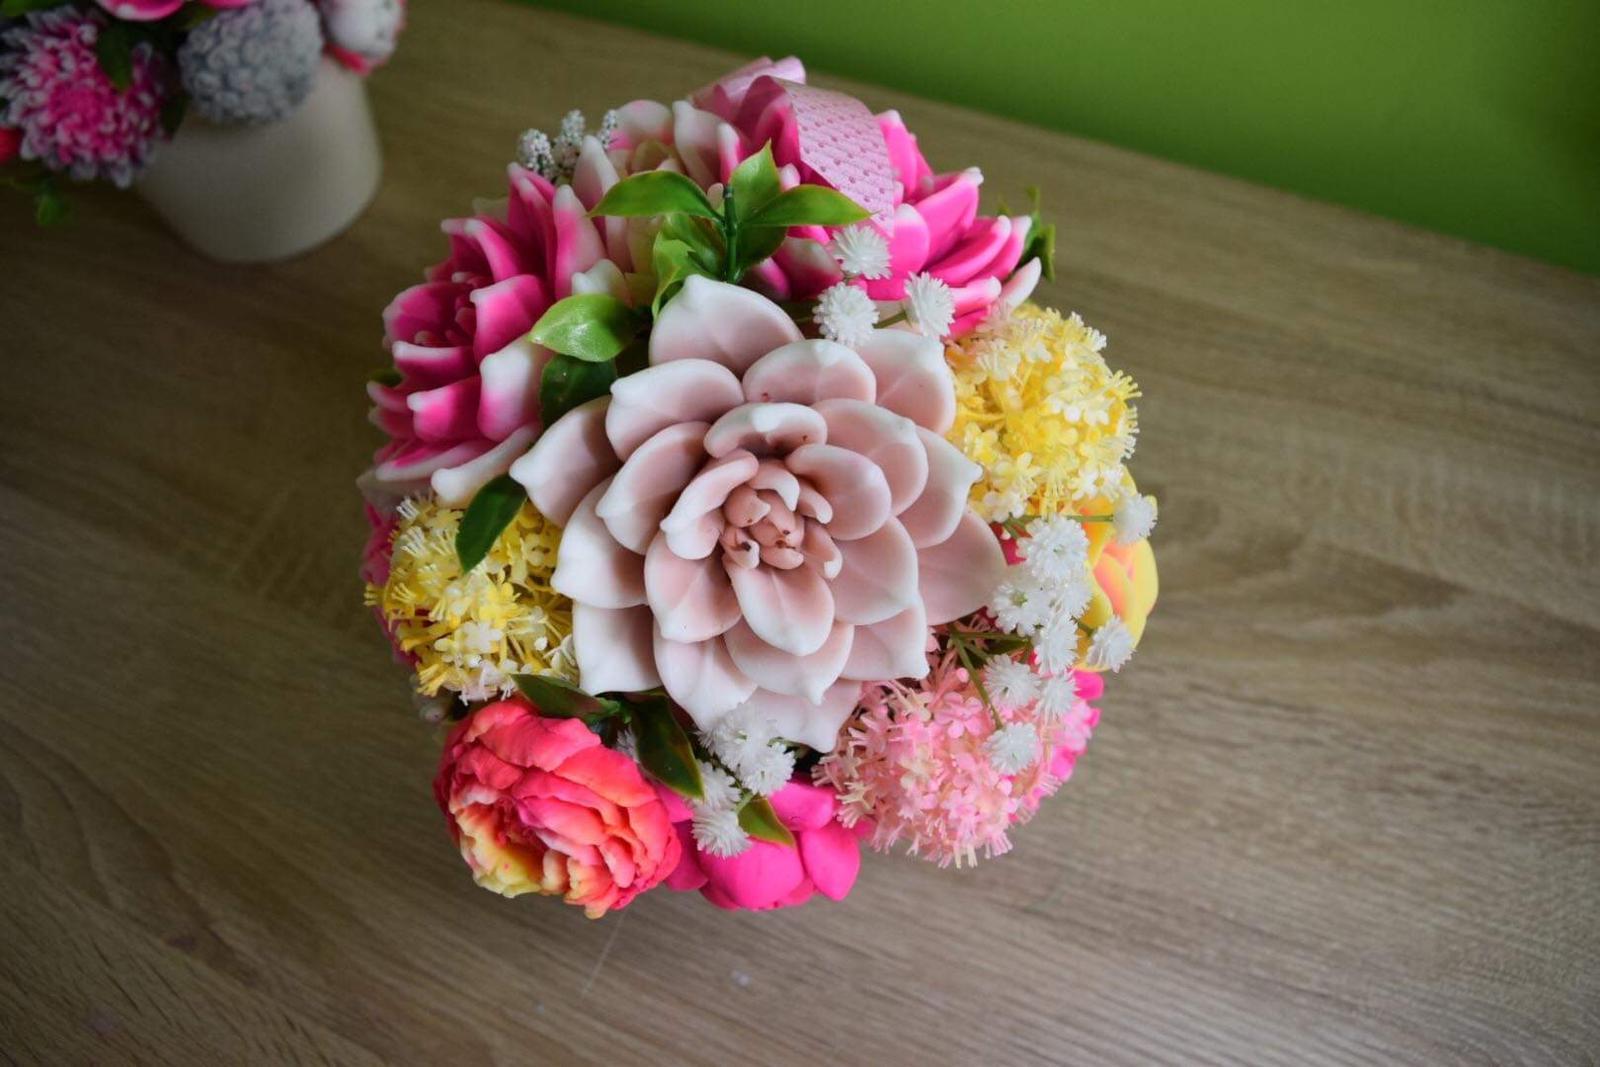 Mydlove kytice dekoracne rôzne  - Obrázok č. 3